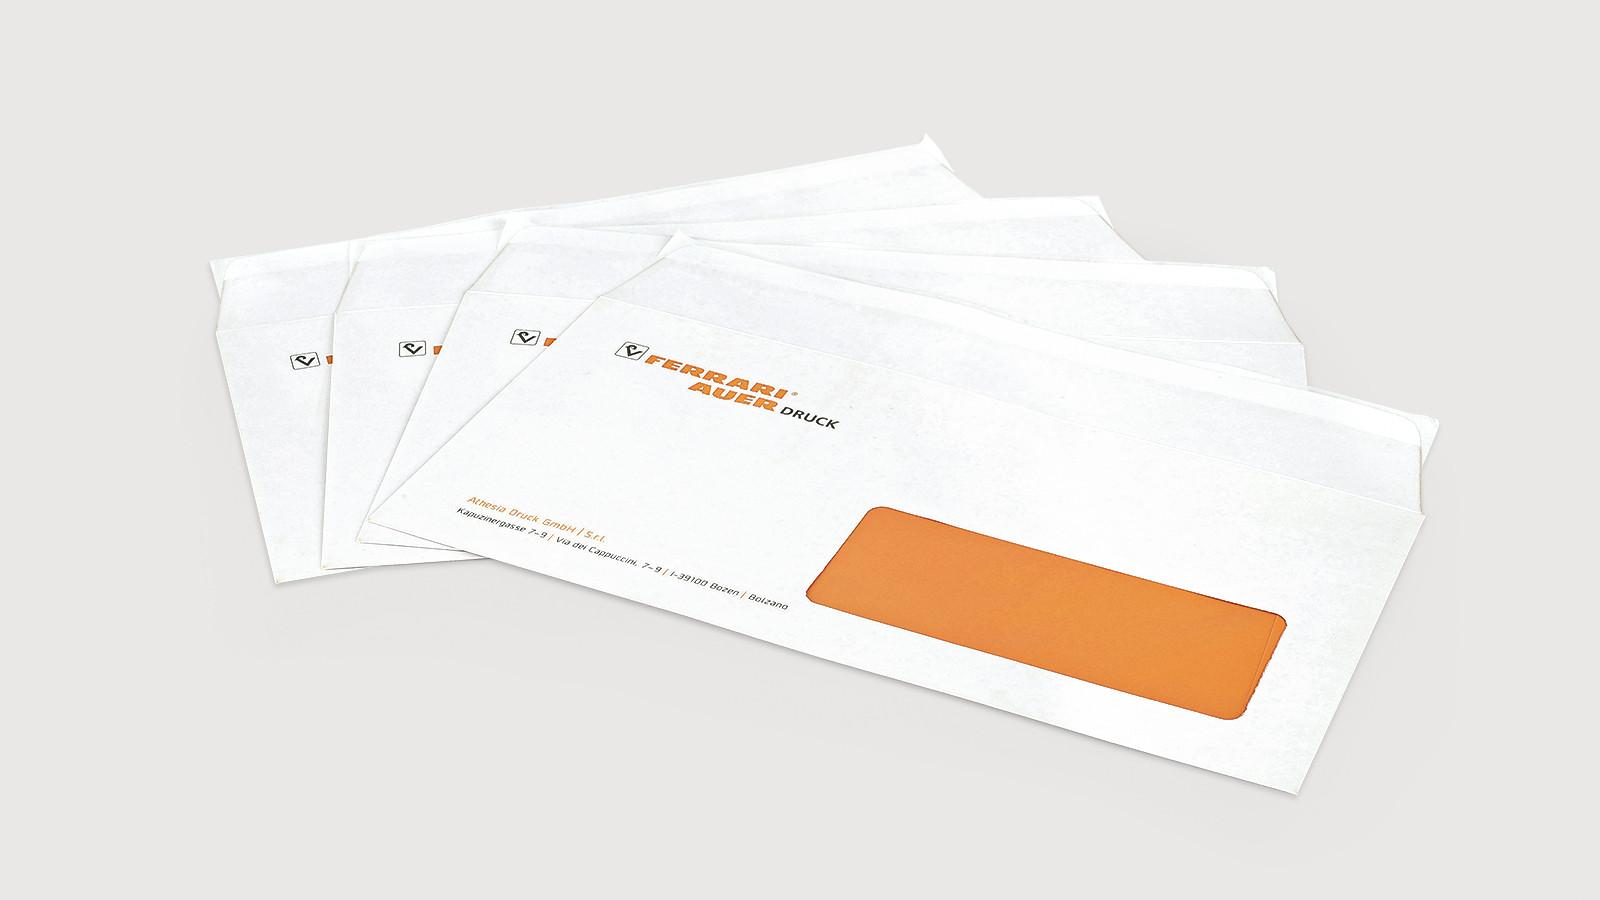 Briefumschlag_FerrariAuer_01.jpg